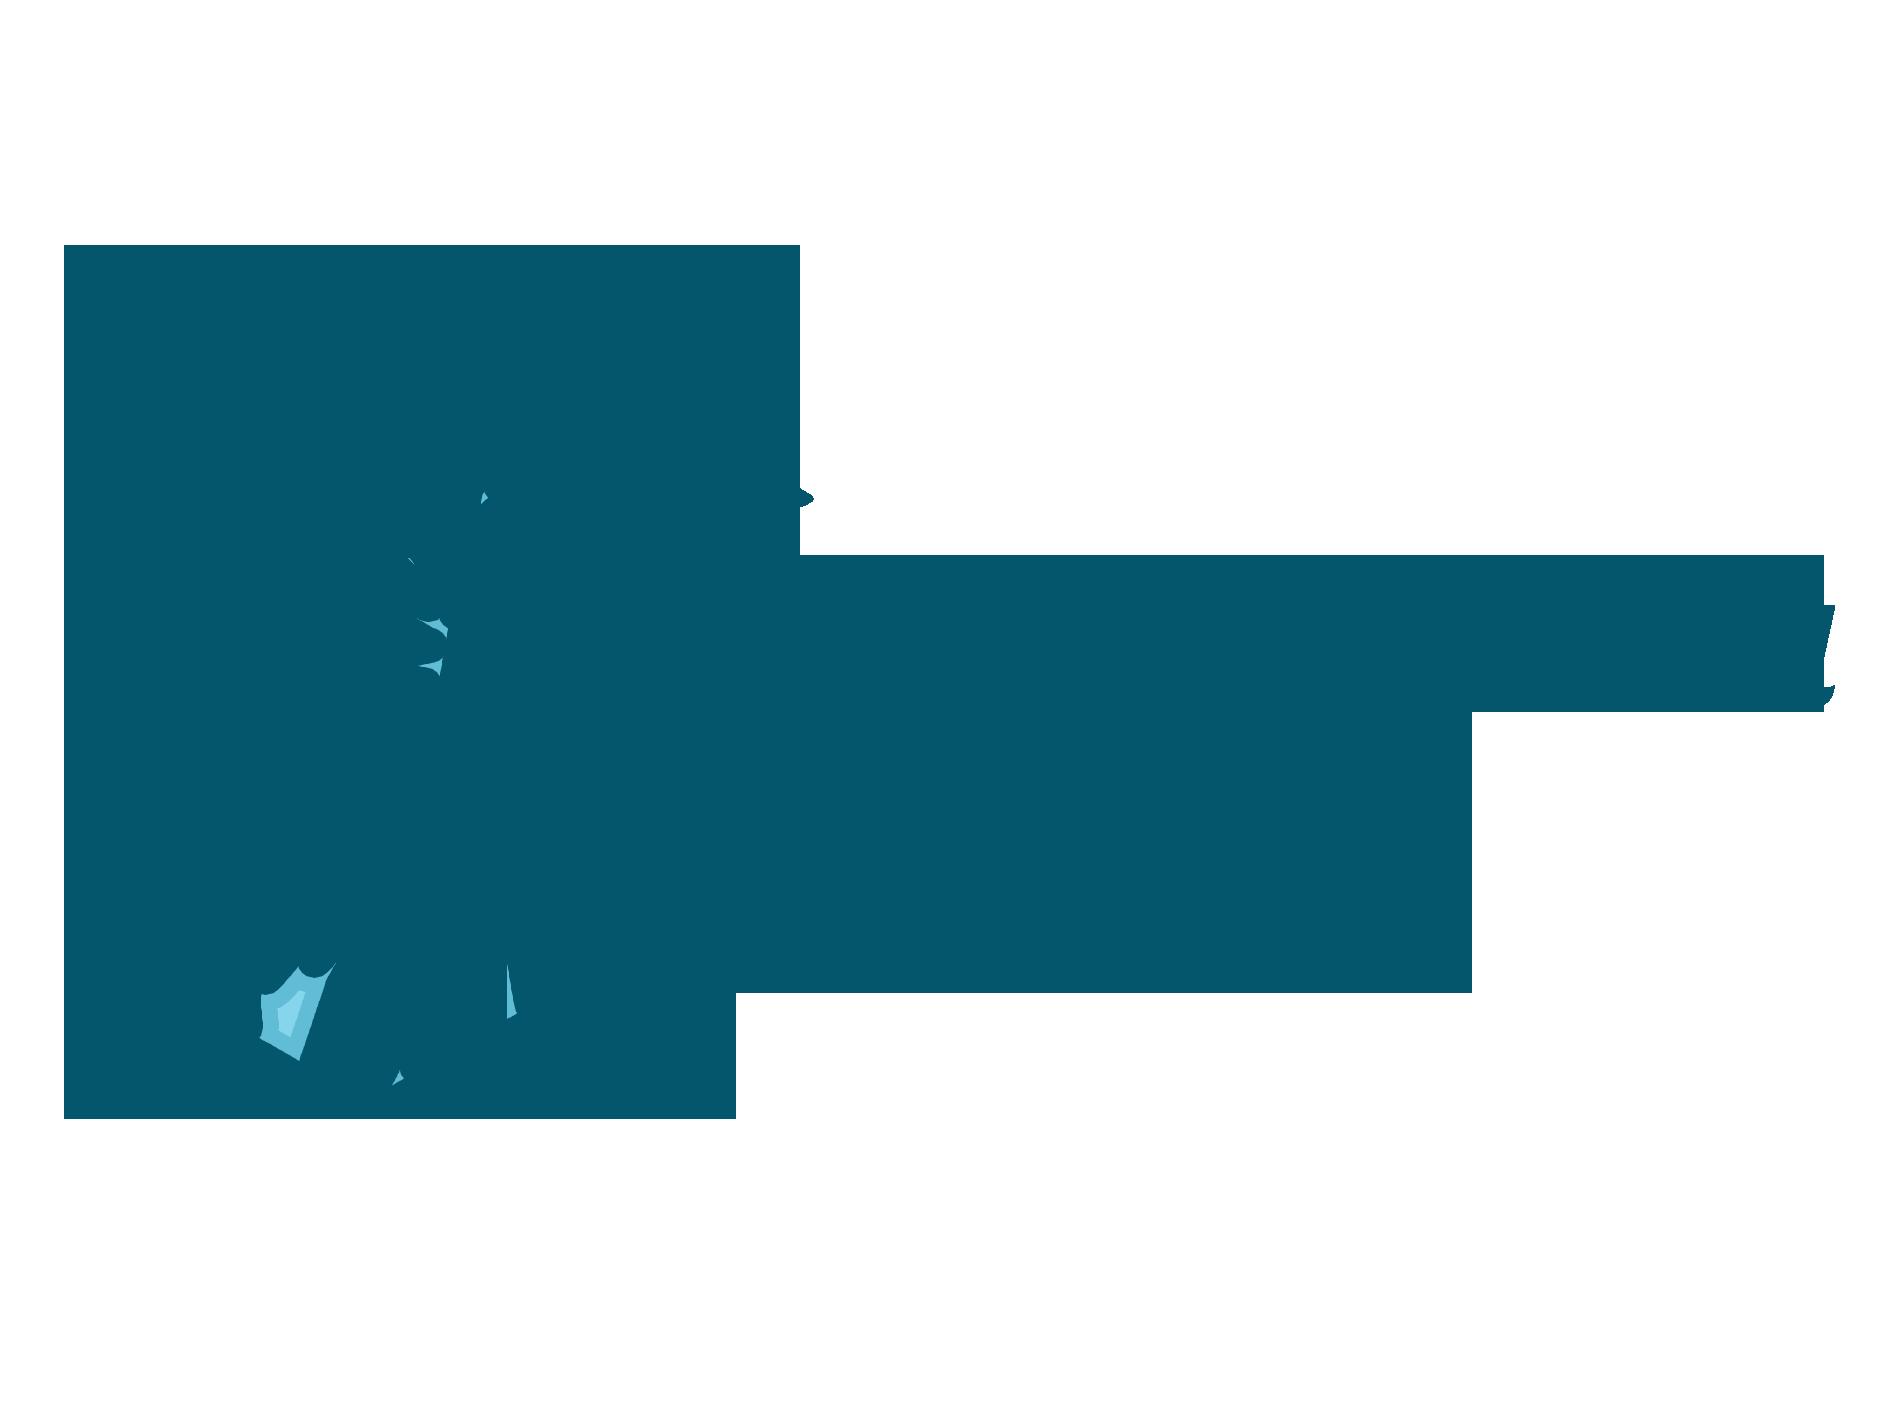 Разработка логотипа для юридической компании фото f_51555e2481cb1320.png